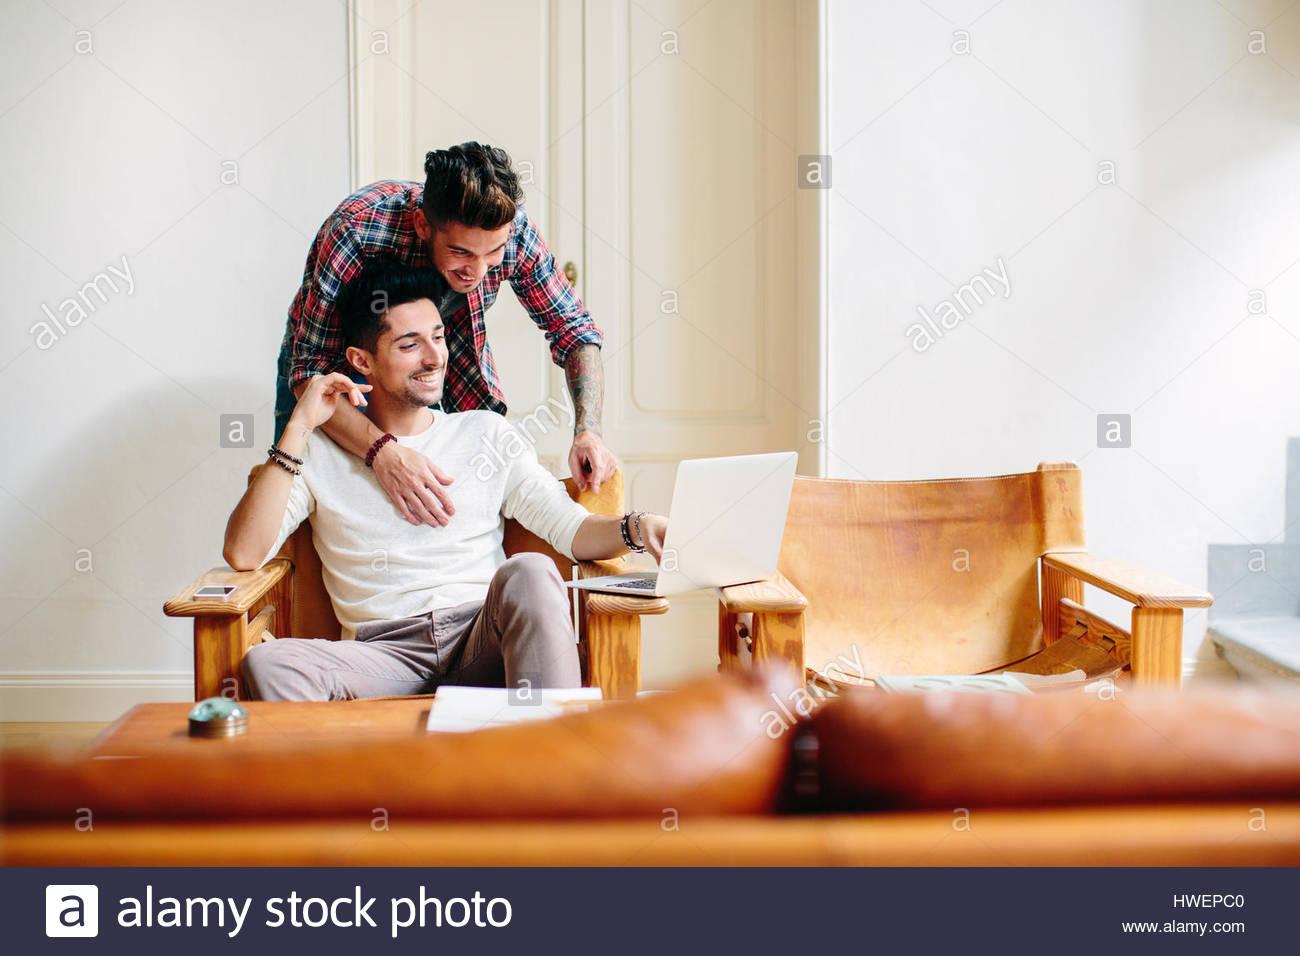 Jeune homme à la maison, assis dans une chaise, à l'aide d'un ordinateur portable, son partenaire Photo Stock